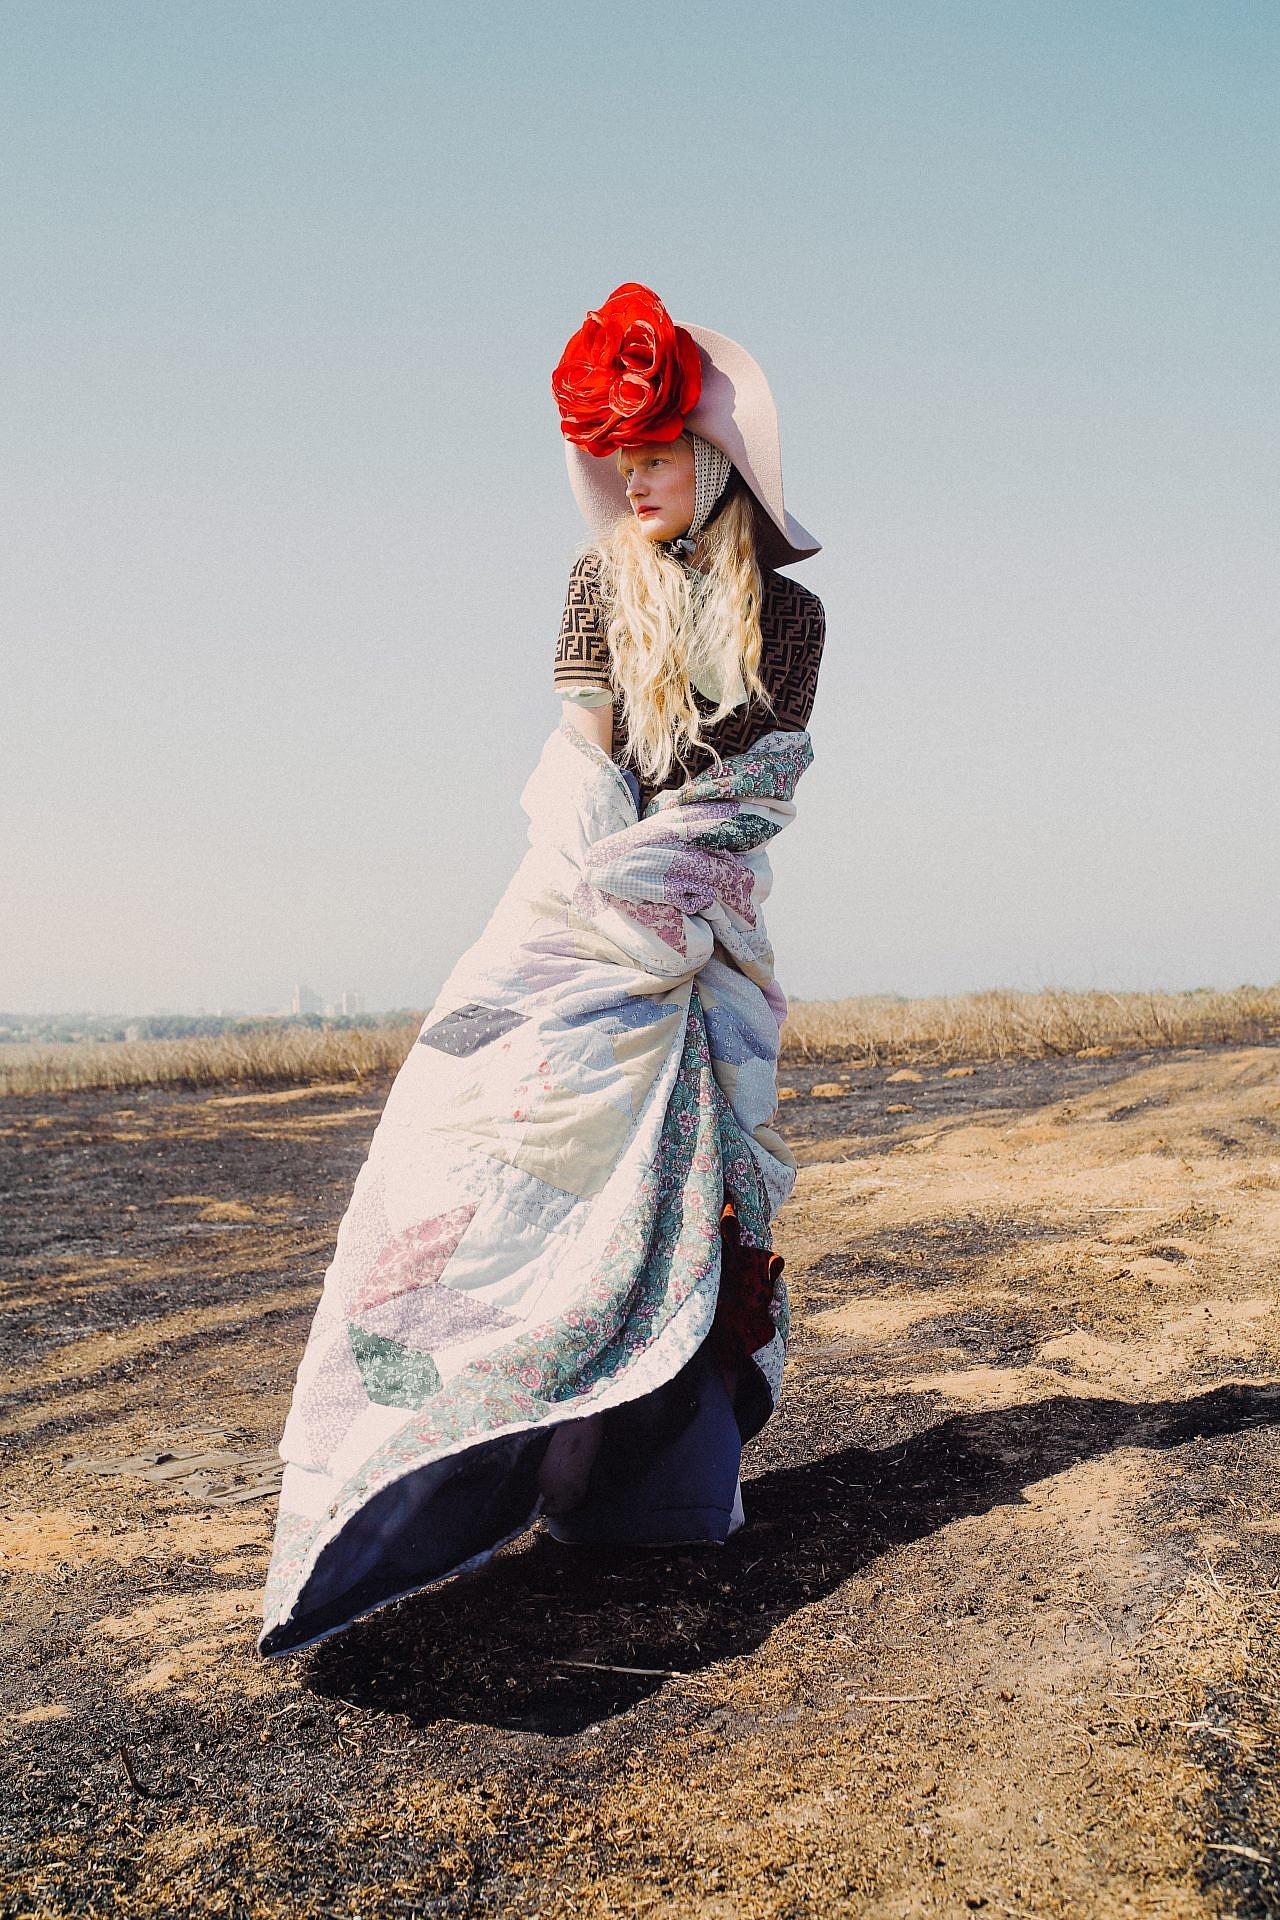 צילום: אלה אוזן, סטיילינג: חיה וידר. סריג פנדי באמור, חצאית -טופשופ, גרביונים זוהרה, מטפחת אלדו, כובע -אורית אביעזר , אקססורי פרח אדום -הדר שבח לשנקר